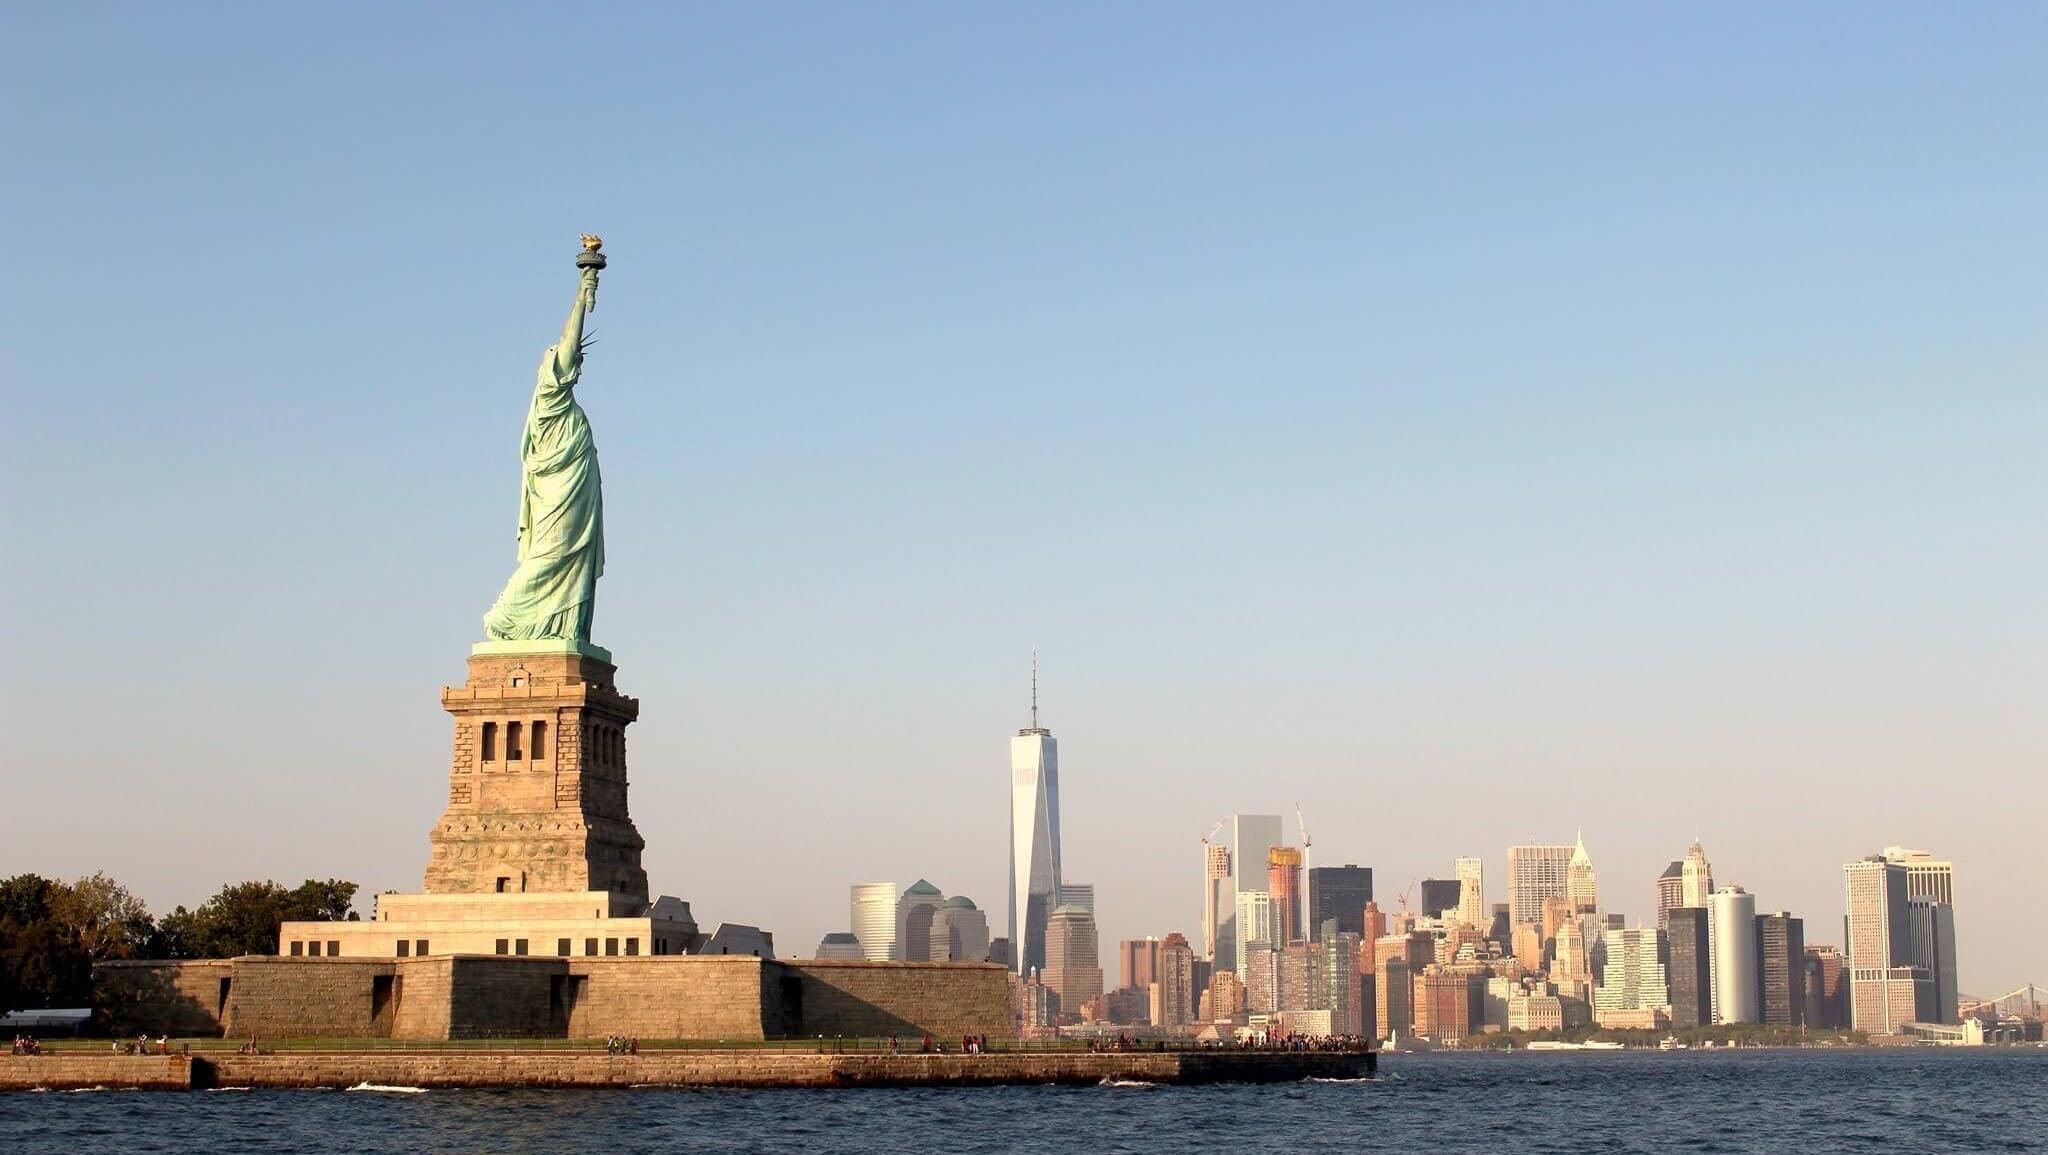 Estados Unidos: veja 7 lugares incríveis para visitar